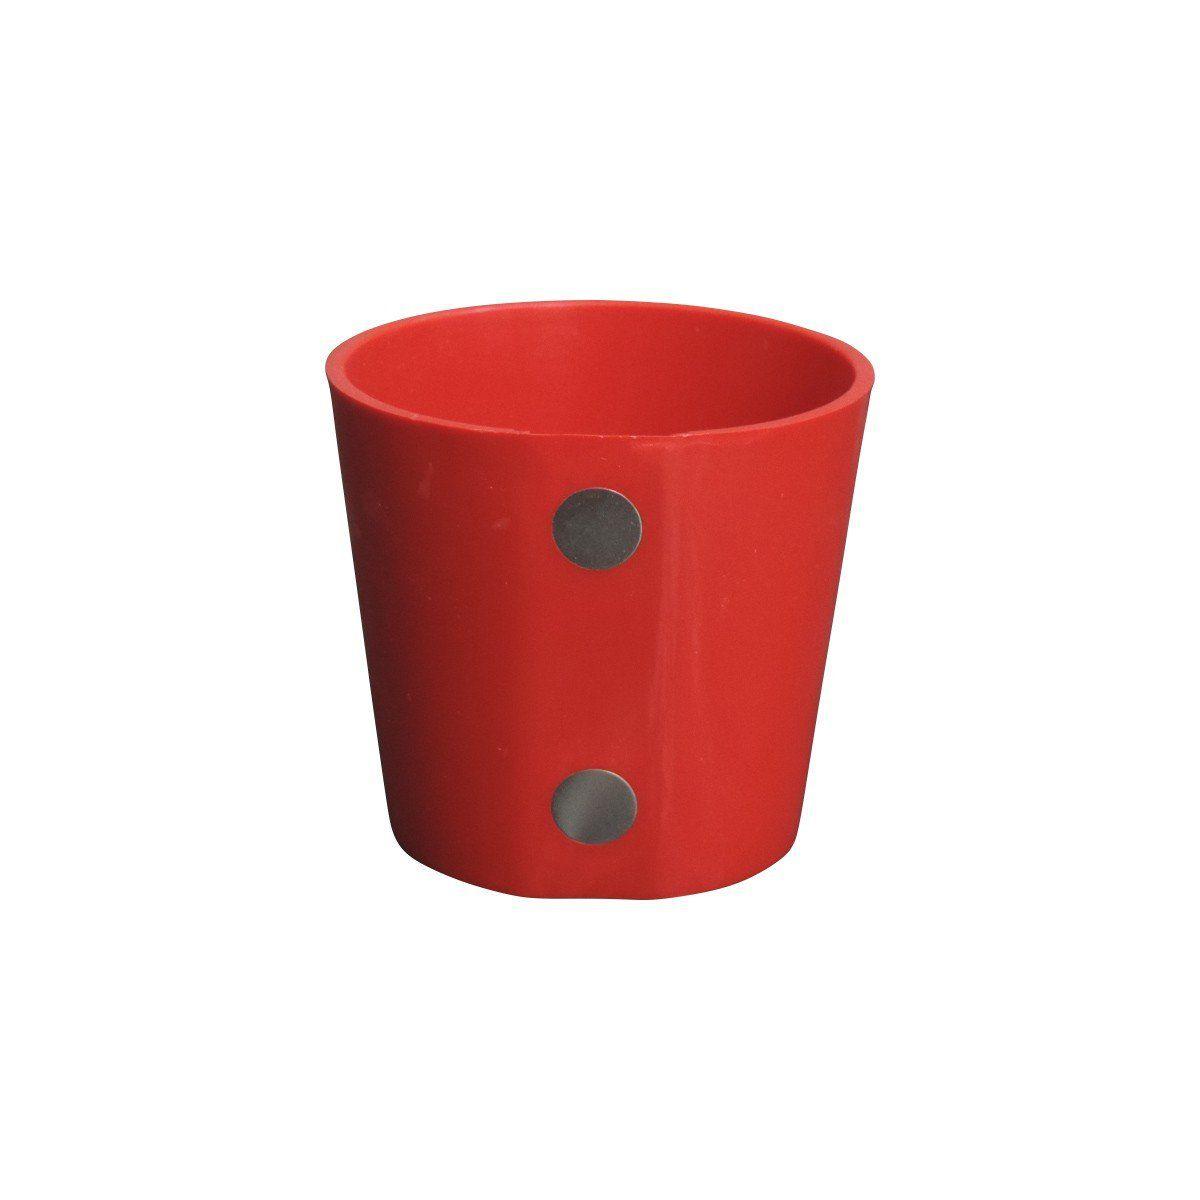 Vaso Magnético de Plástico Vermelho 5cm x 6cm